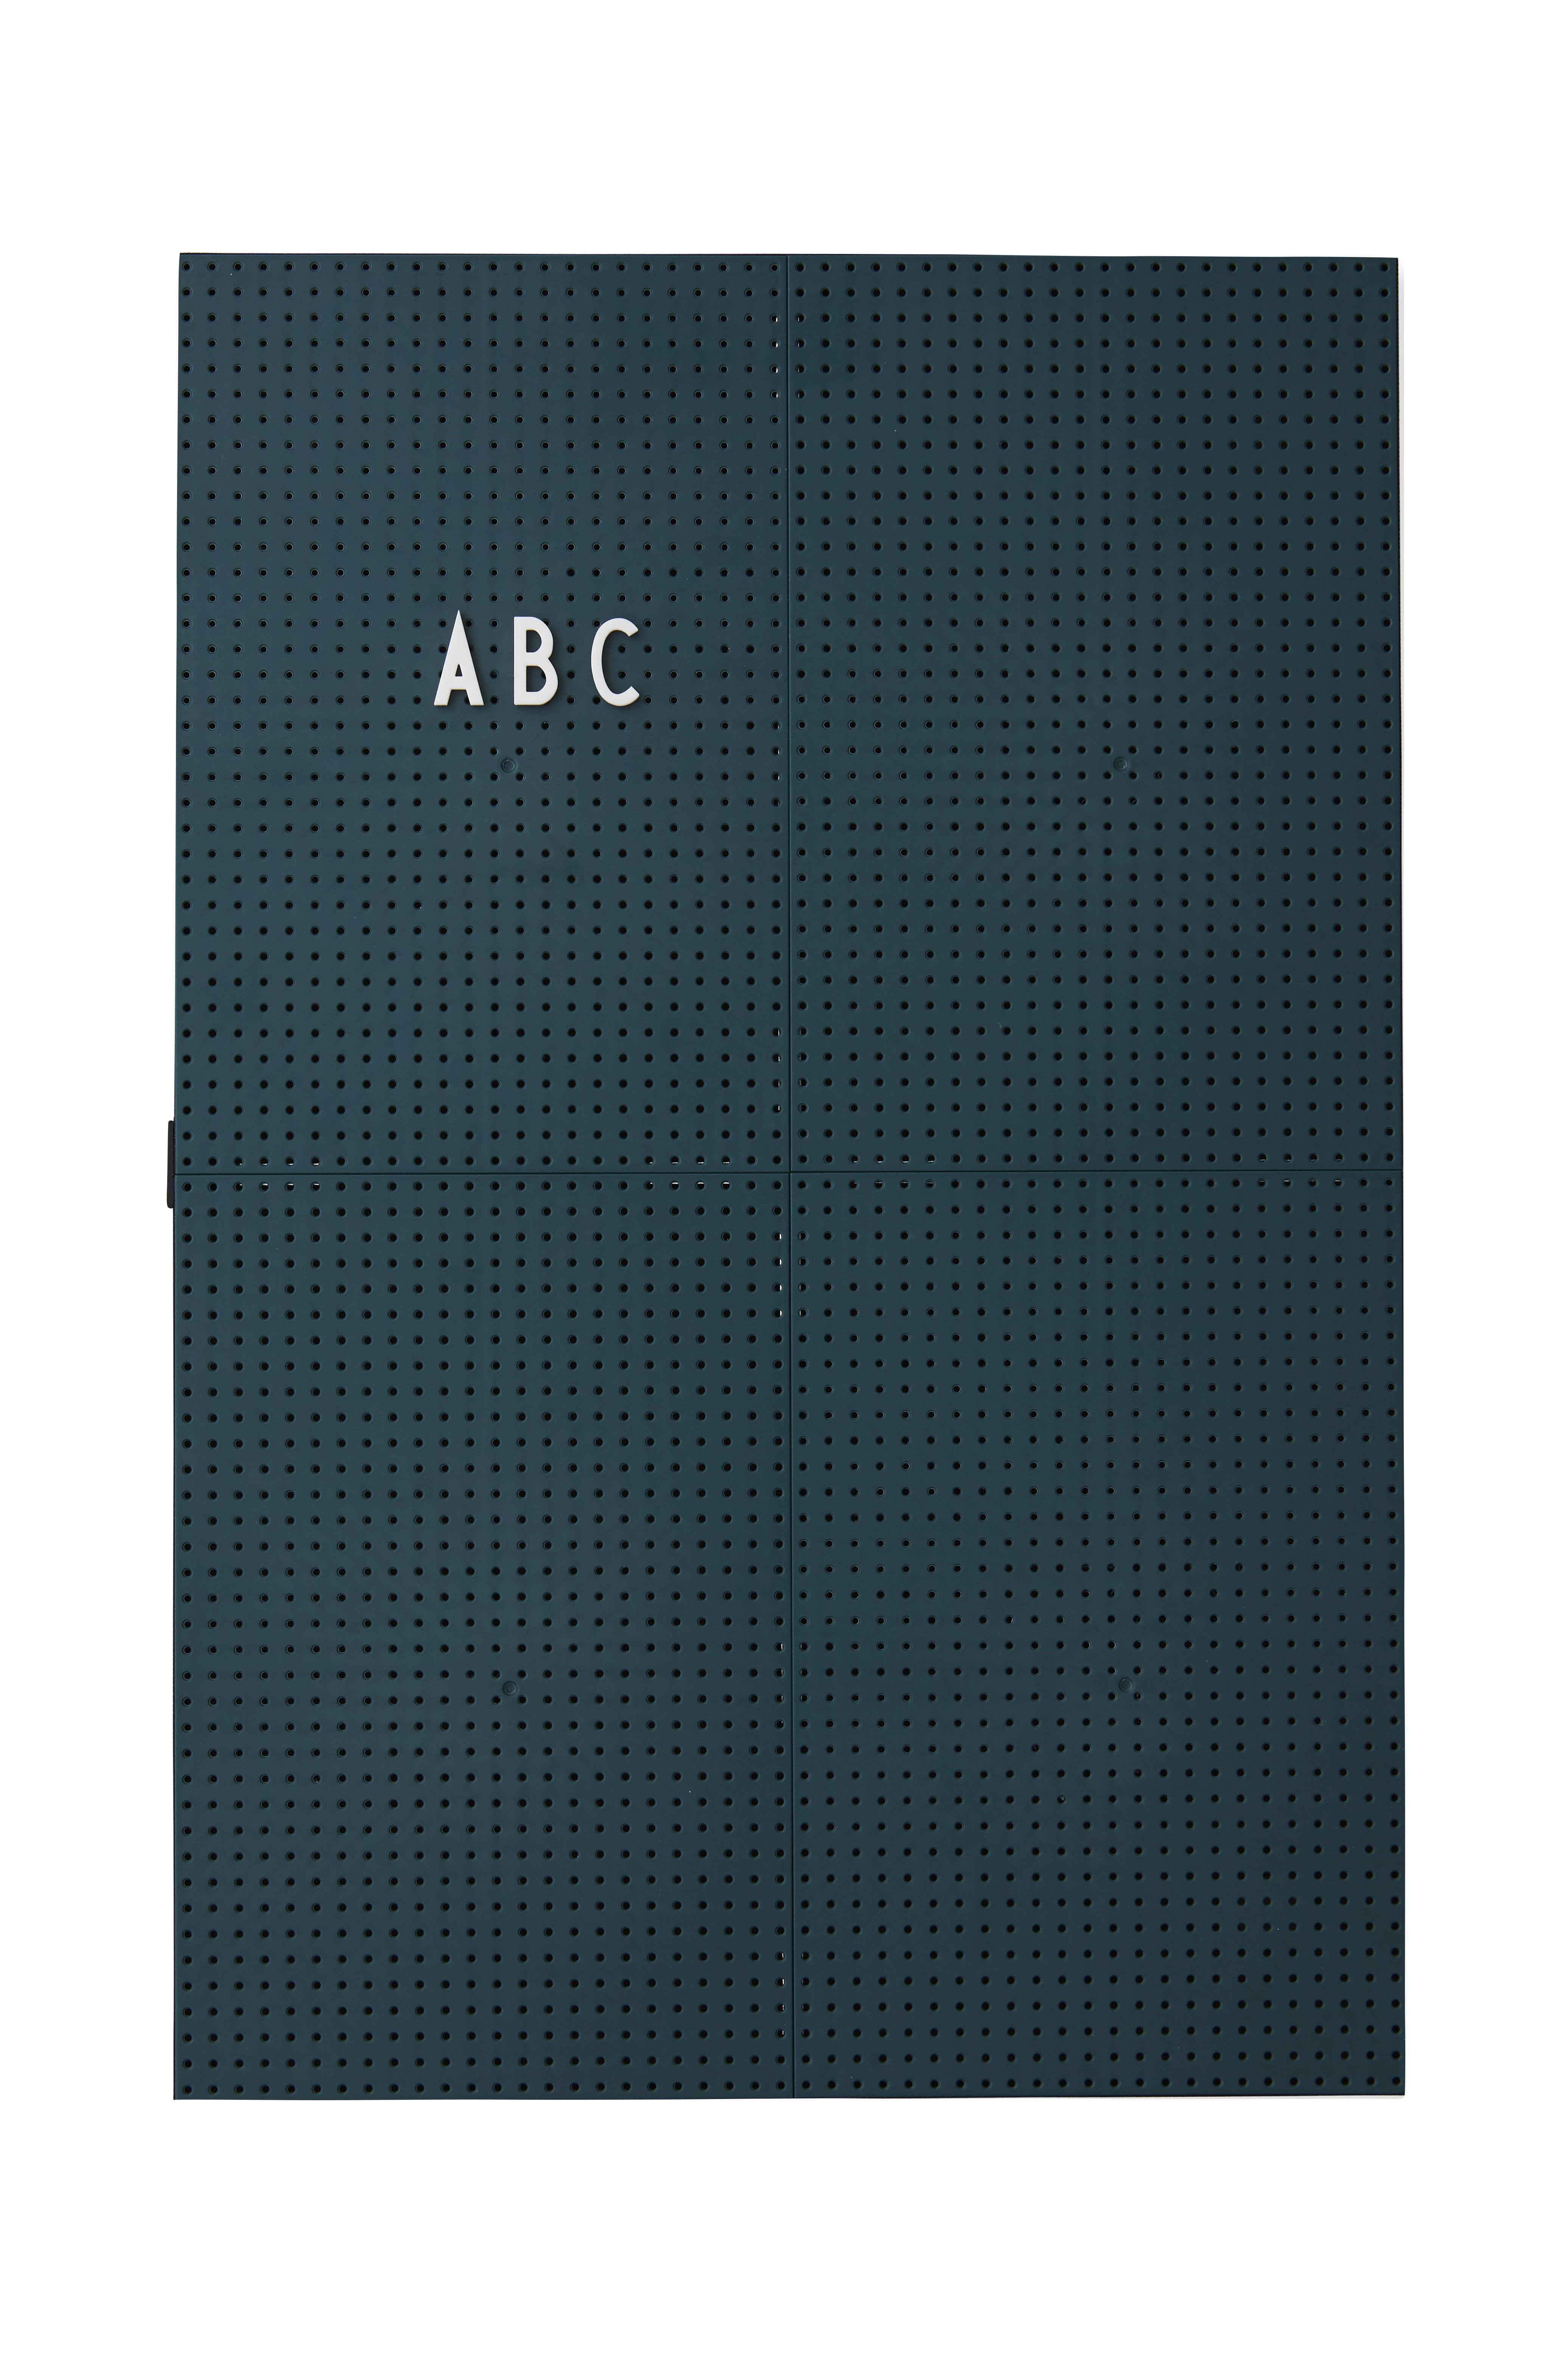 Déco - Mémos, ardoises & calendriers - Tableau memo A3 / L 30 x H 42 cm - Design Letters - Vert foncé - ABS